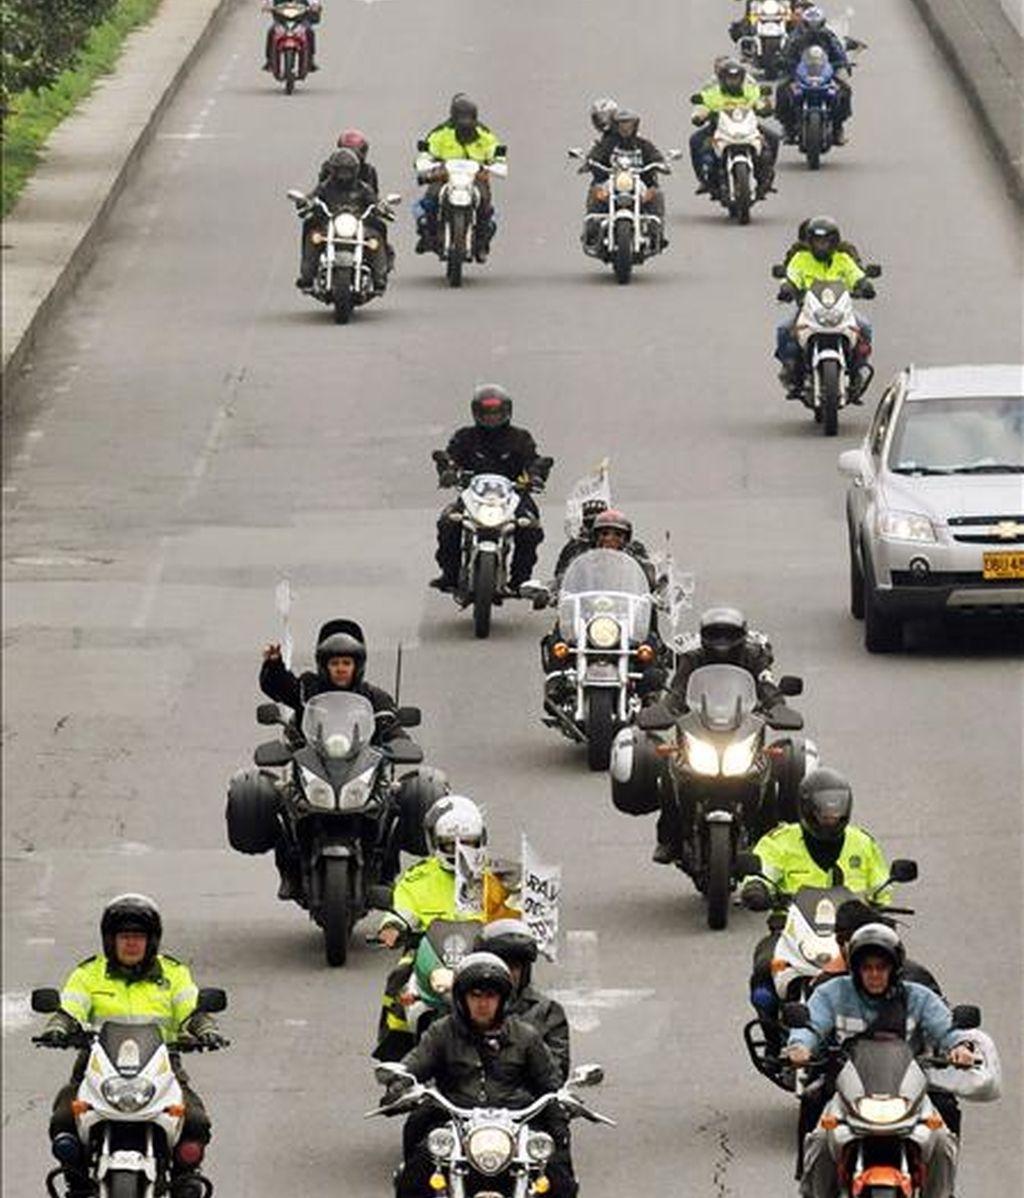 La travesía, durante la cual creció el número de motos en caravana, los llevó por una veintena de ciudades de 17 de los 32 departamentos del país. EFE/Archivo